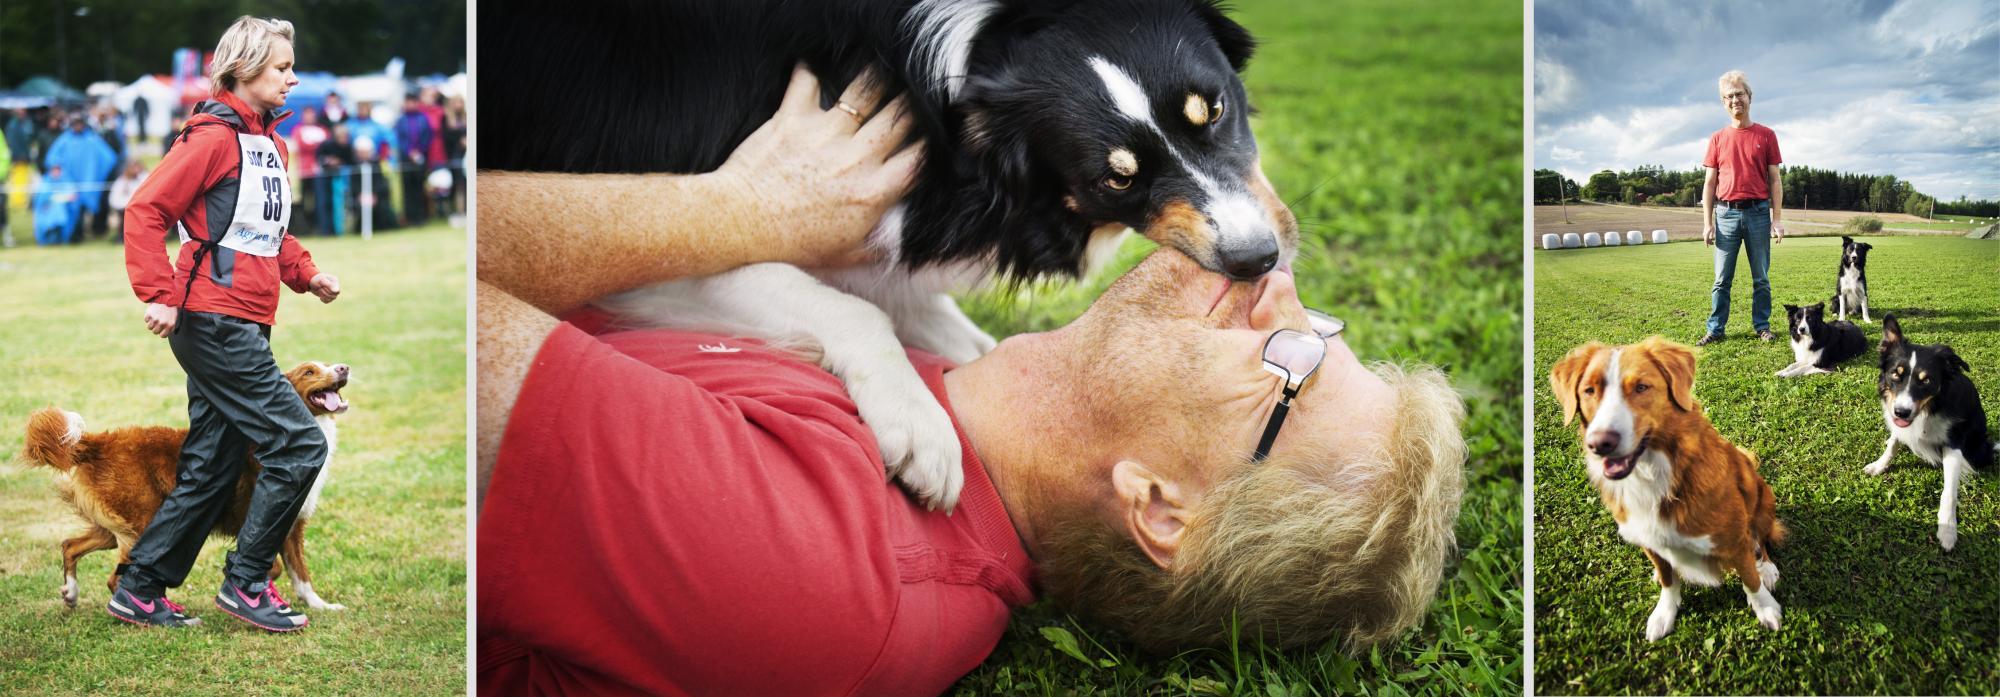 <span>Kenth och Niina Svartberg är instruktörer/coacher och driver kursverksamhet. Både Kenth och Nina</span><span>har bland annat tävlat för lydnadlandslaget med flera hundar, men också bruks, agility (Kenth), Heelwork to Music (Niina) och vallning (Kenth). Kenth är etolog och forskar i hundens beteende medan Niina har djuplodat i mental träning och tävlingspyskologi. <br />De är författare till ett flertal hundböcker. Den som vill läsa mer om Kenth kan klicka på bilden.<br /></span>